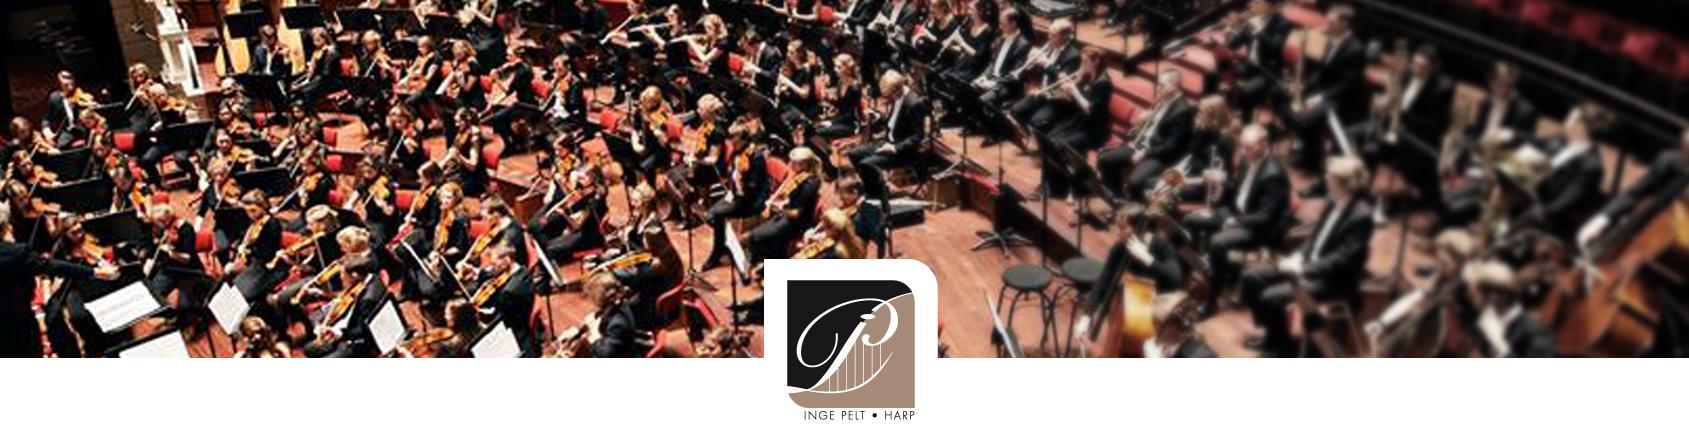 orkest harpiste Inge Pelt